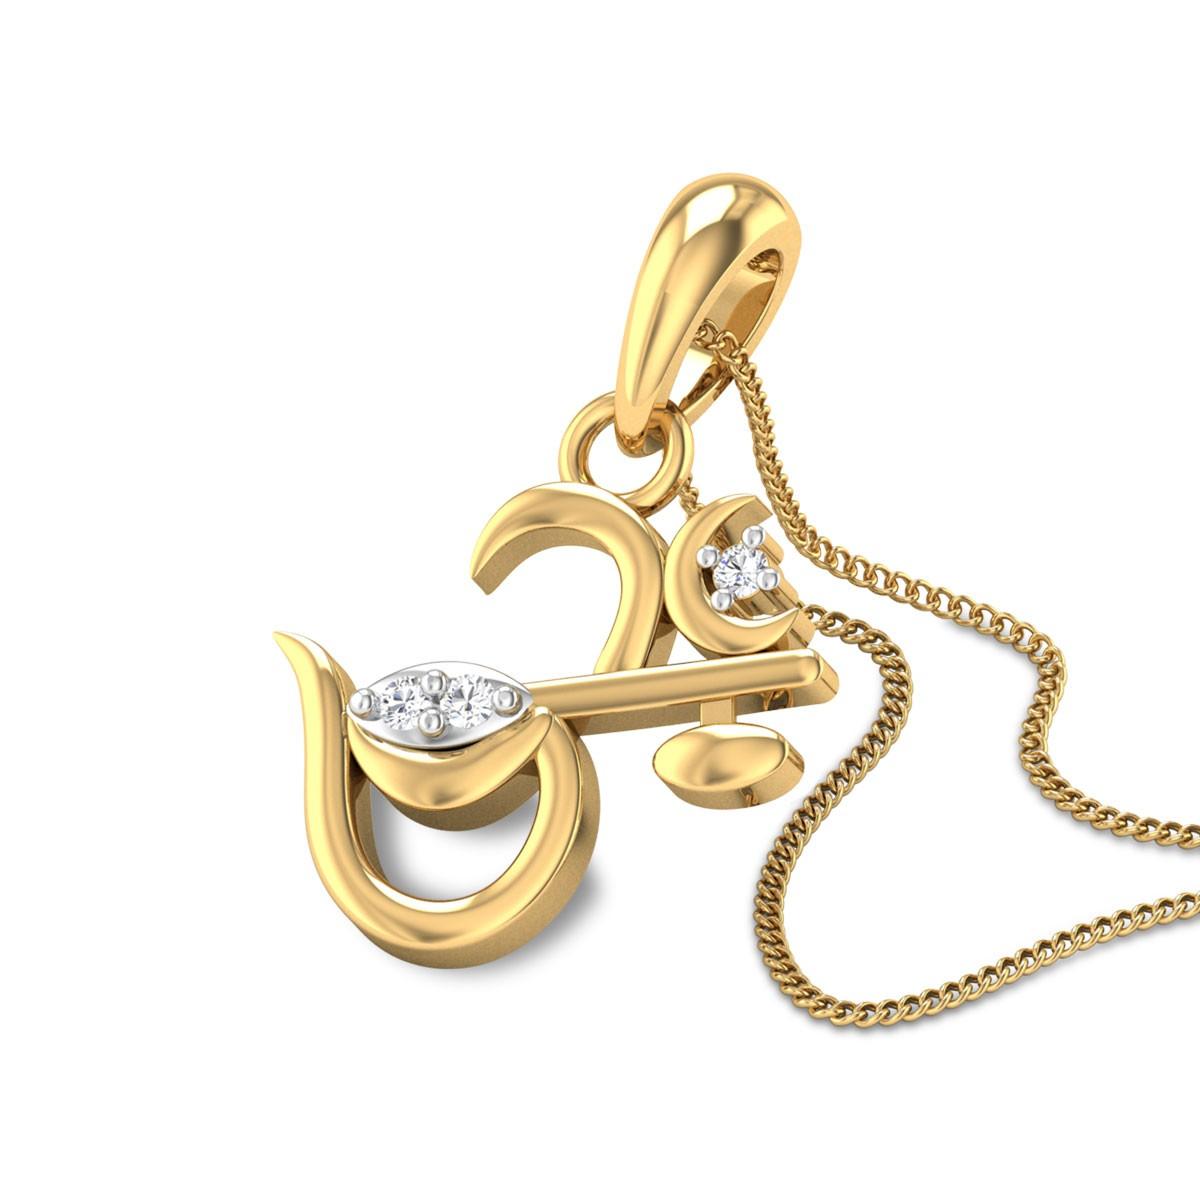 Veena Om Diamond Pendant